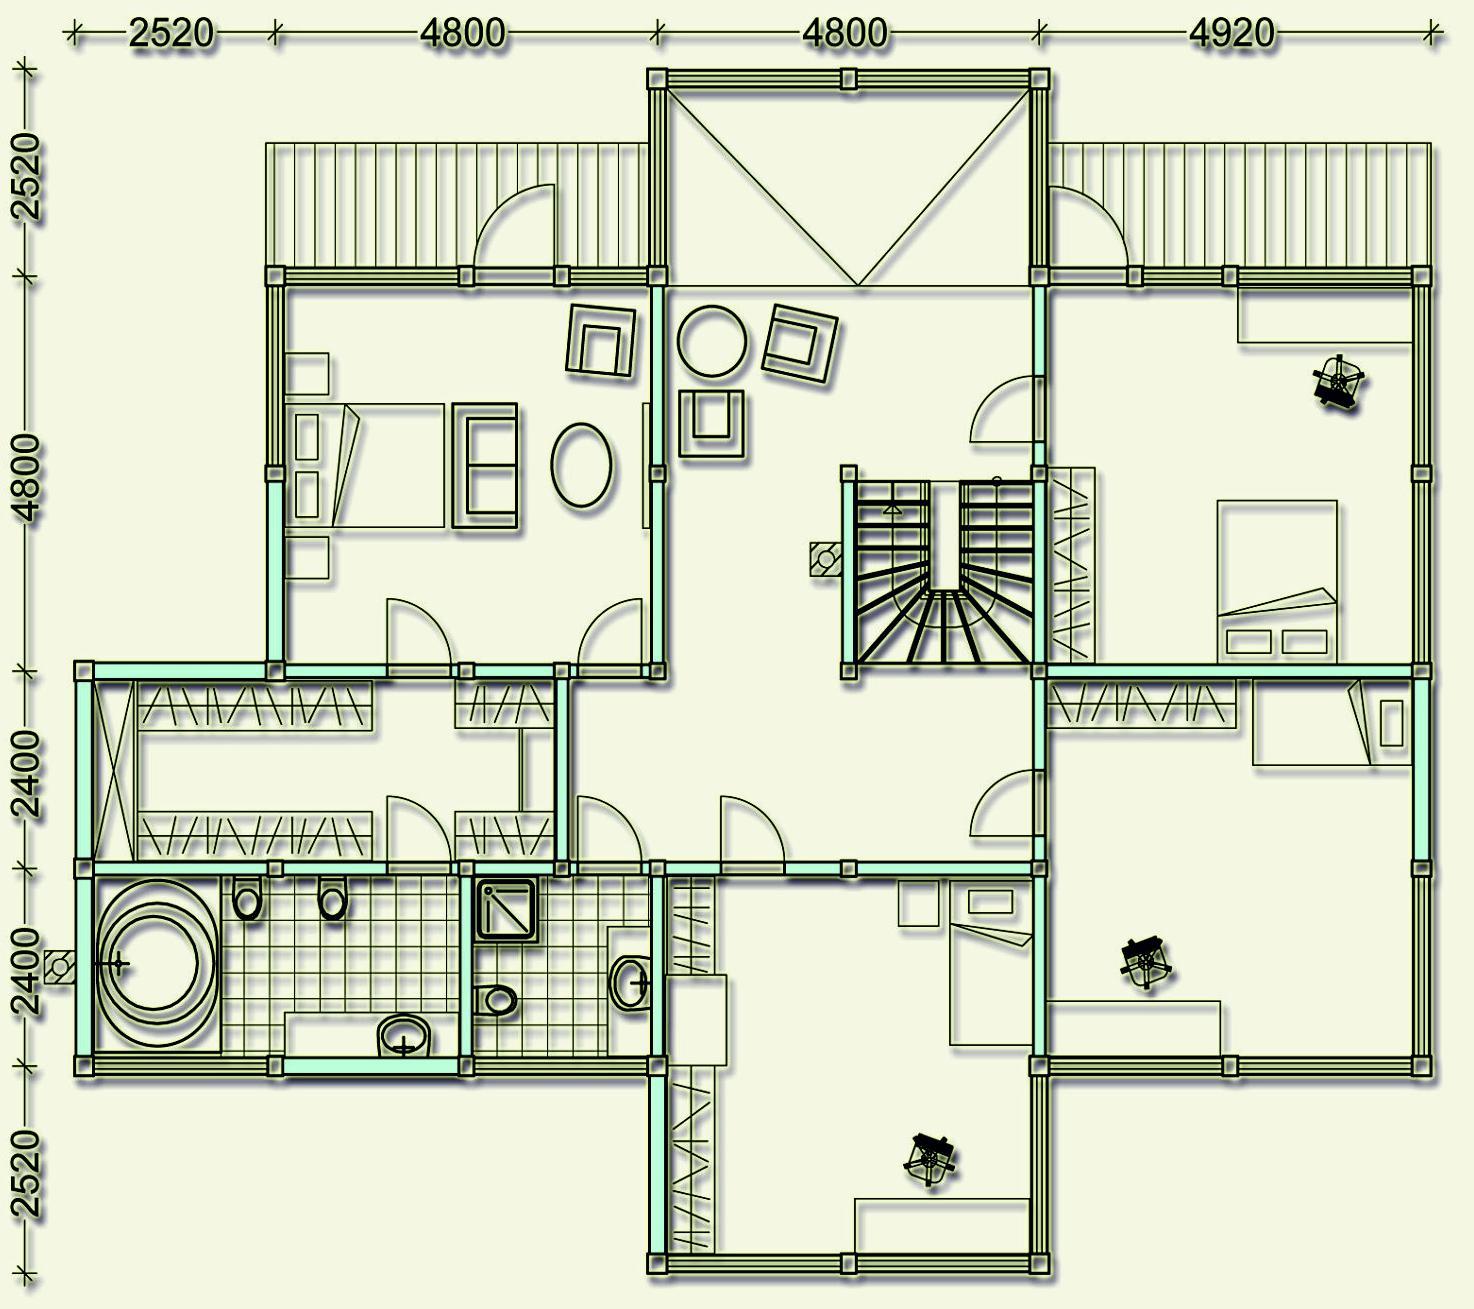 Проект фахверкового коттеджа MCF360 - план второго этажа